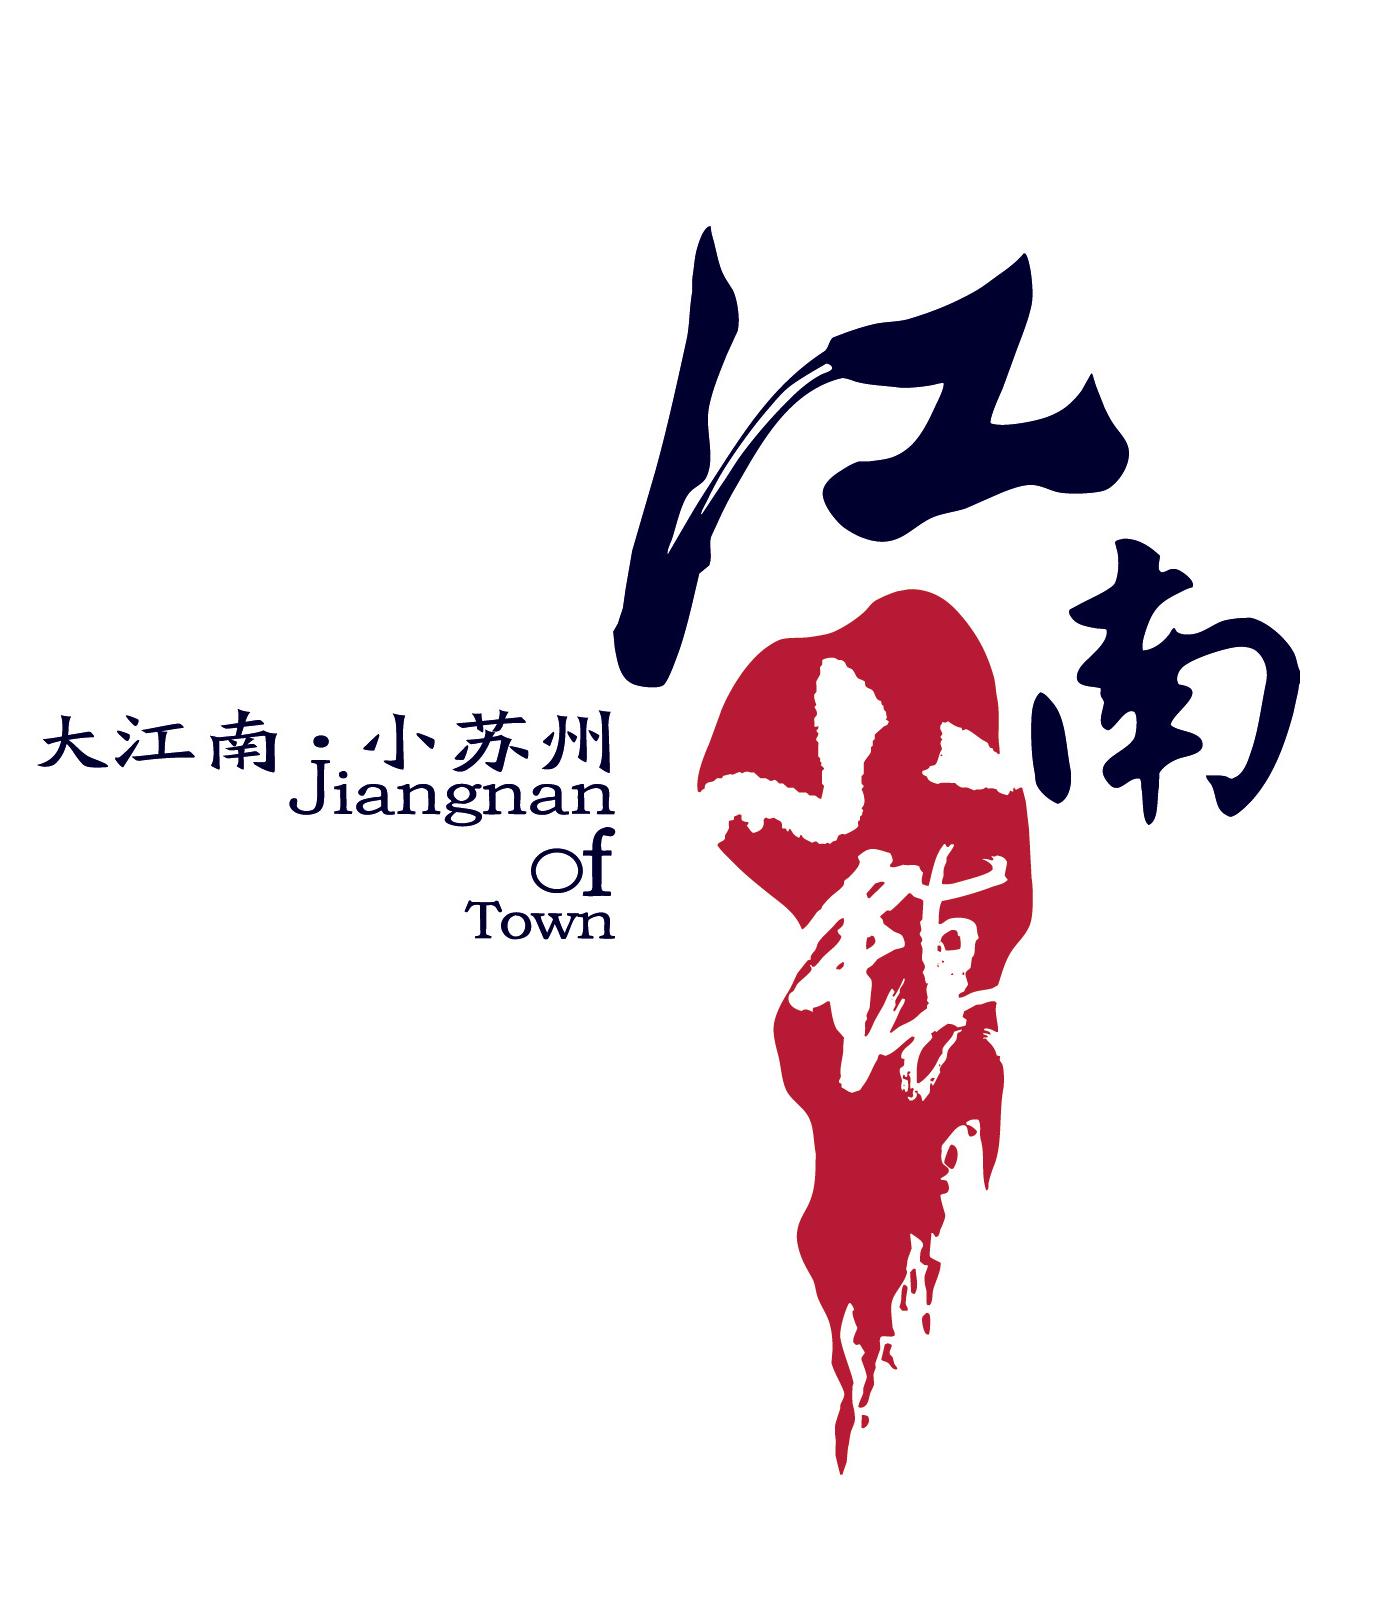 伟德国际bv江南小镇